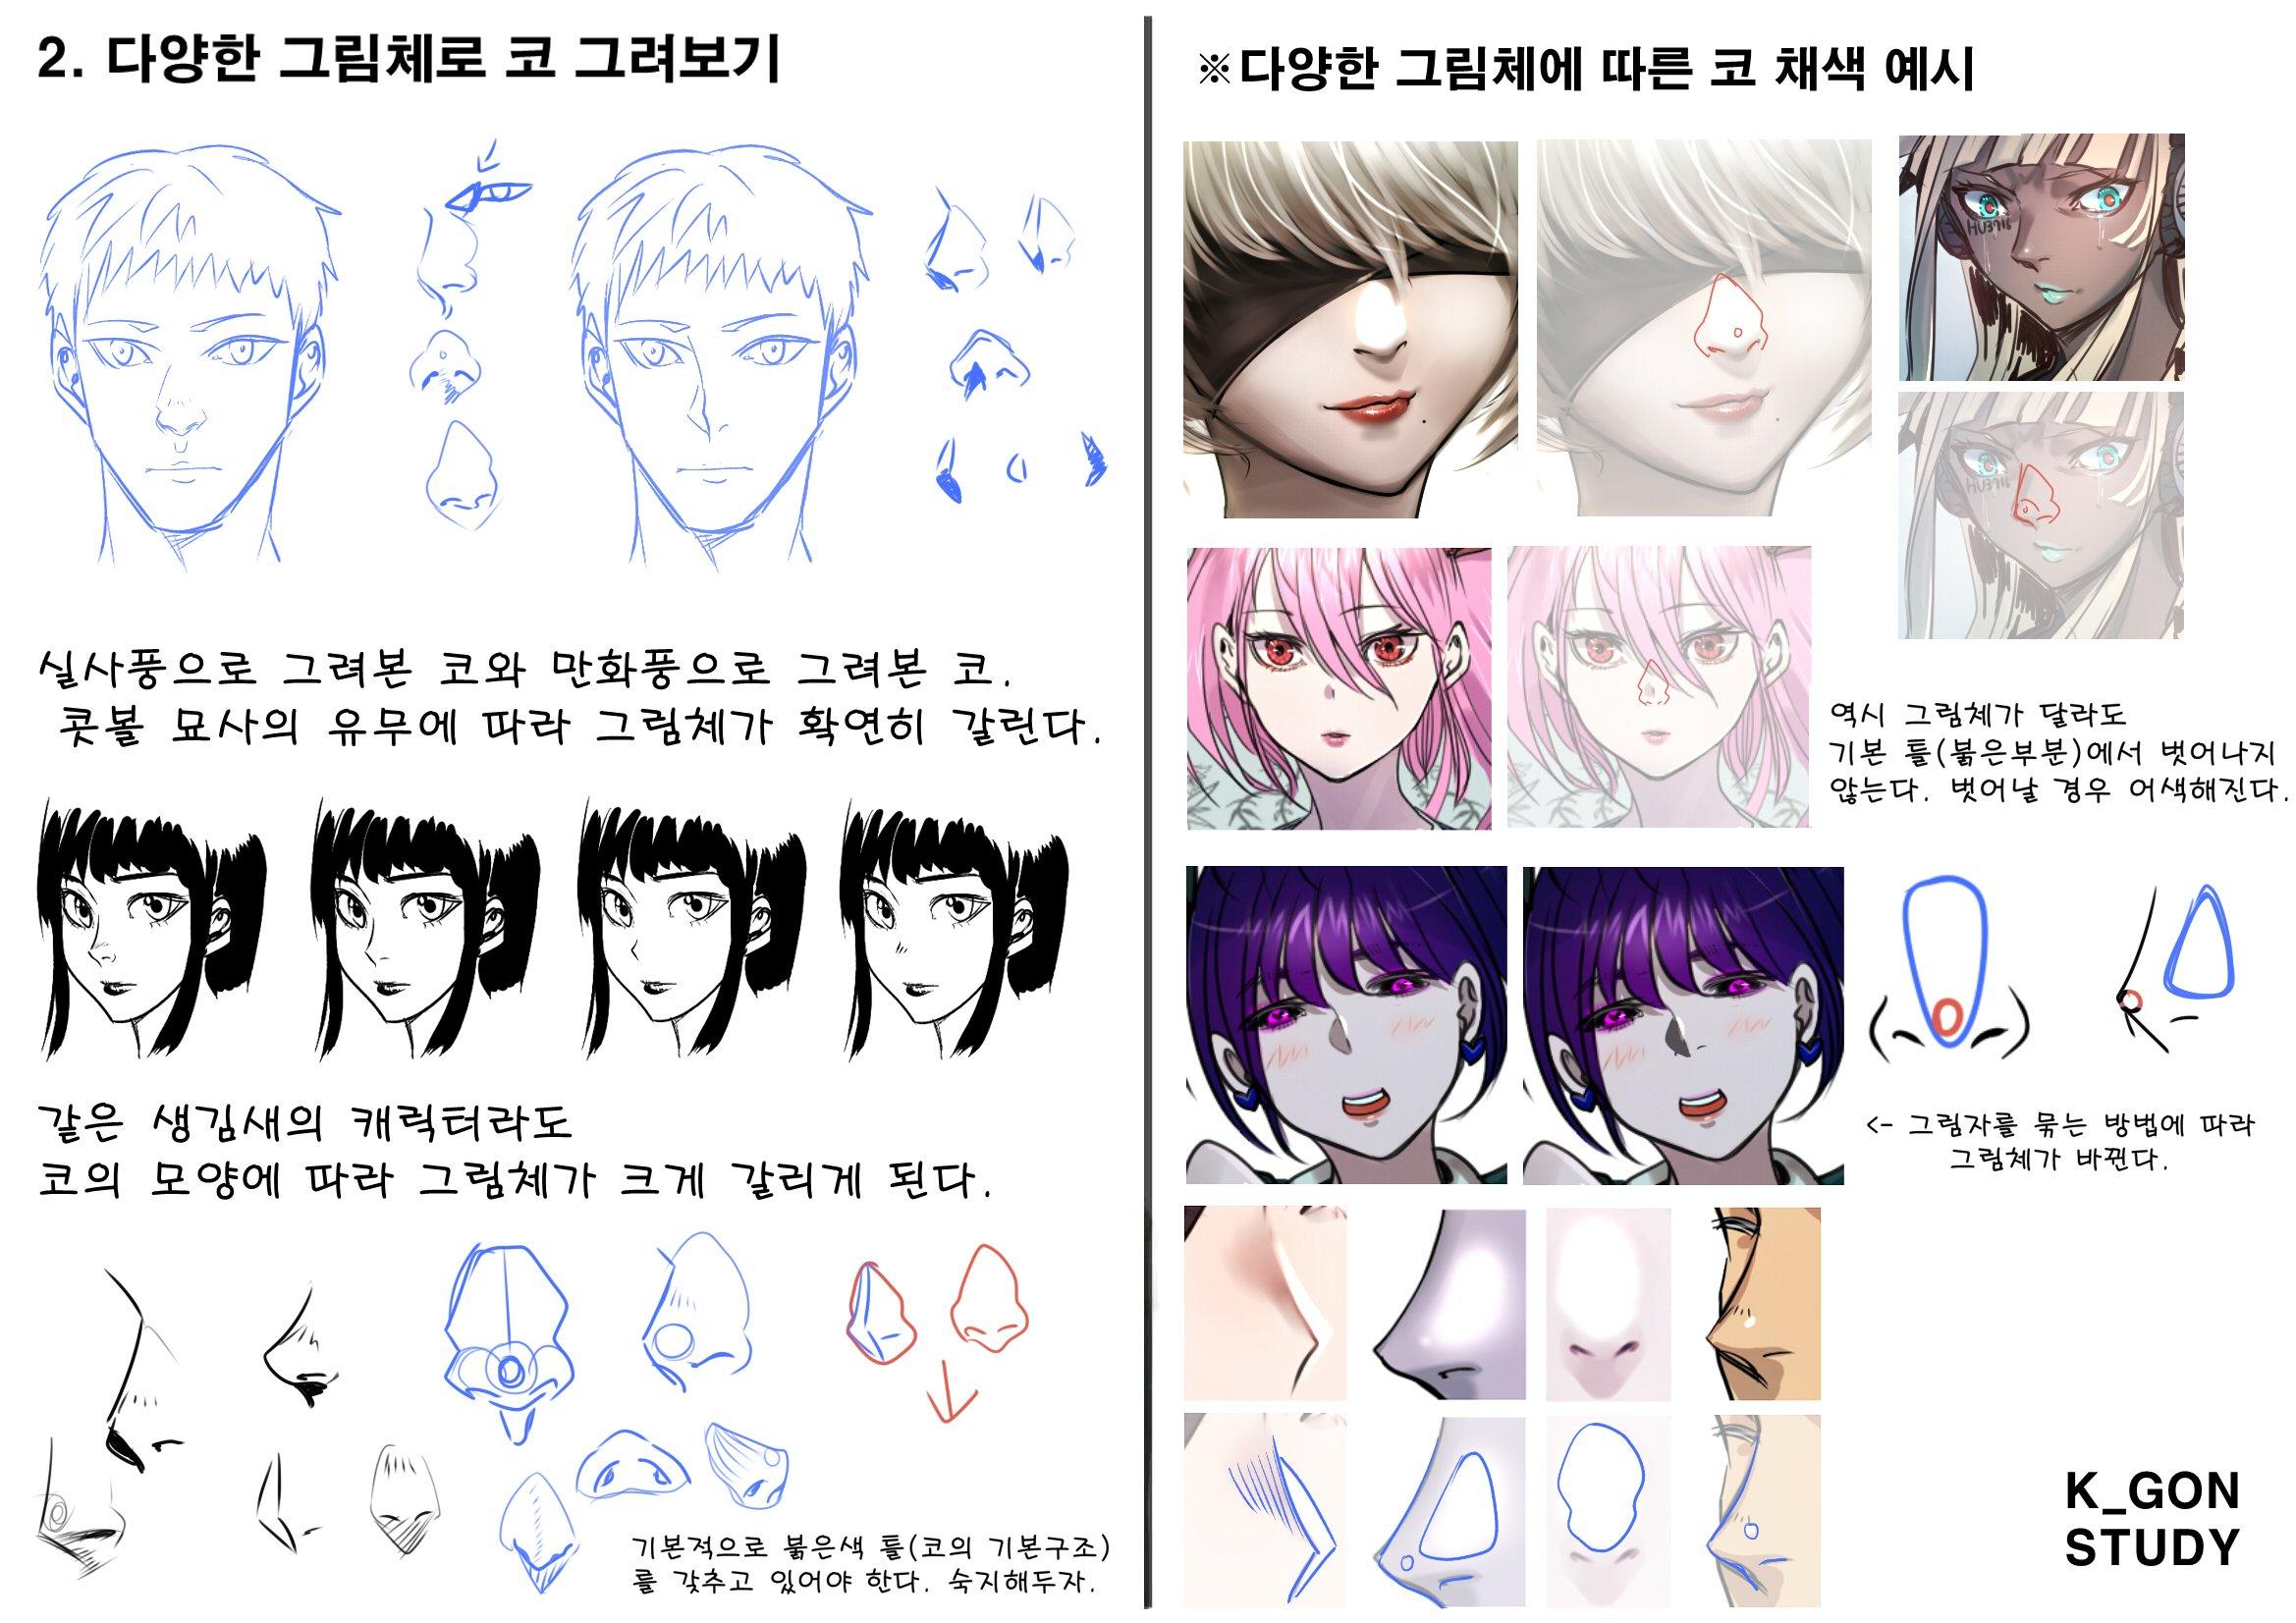 케이곤의 사이툴 기초 얼굴 드로잉/채색 강좌 3 - 다양한 그림체로 코 그려보기